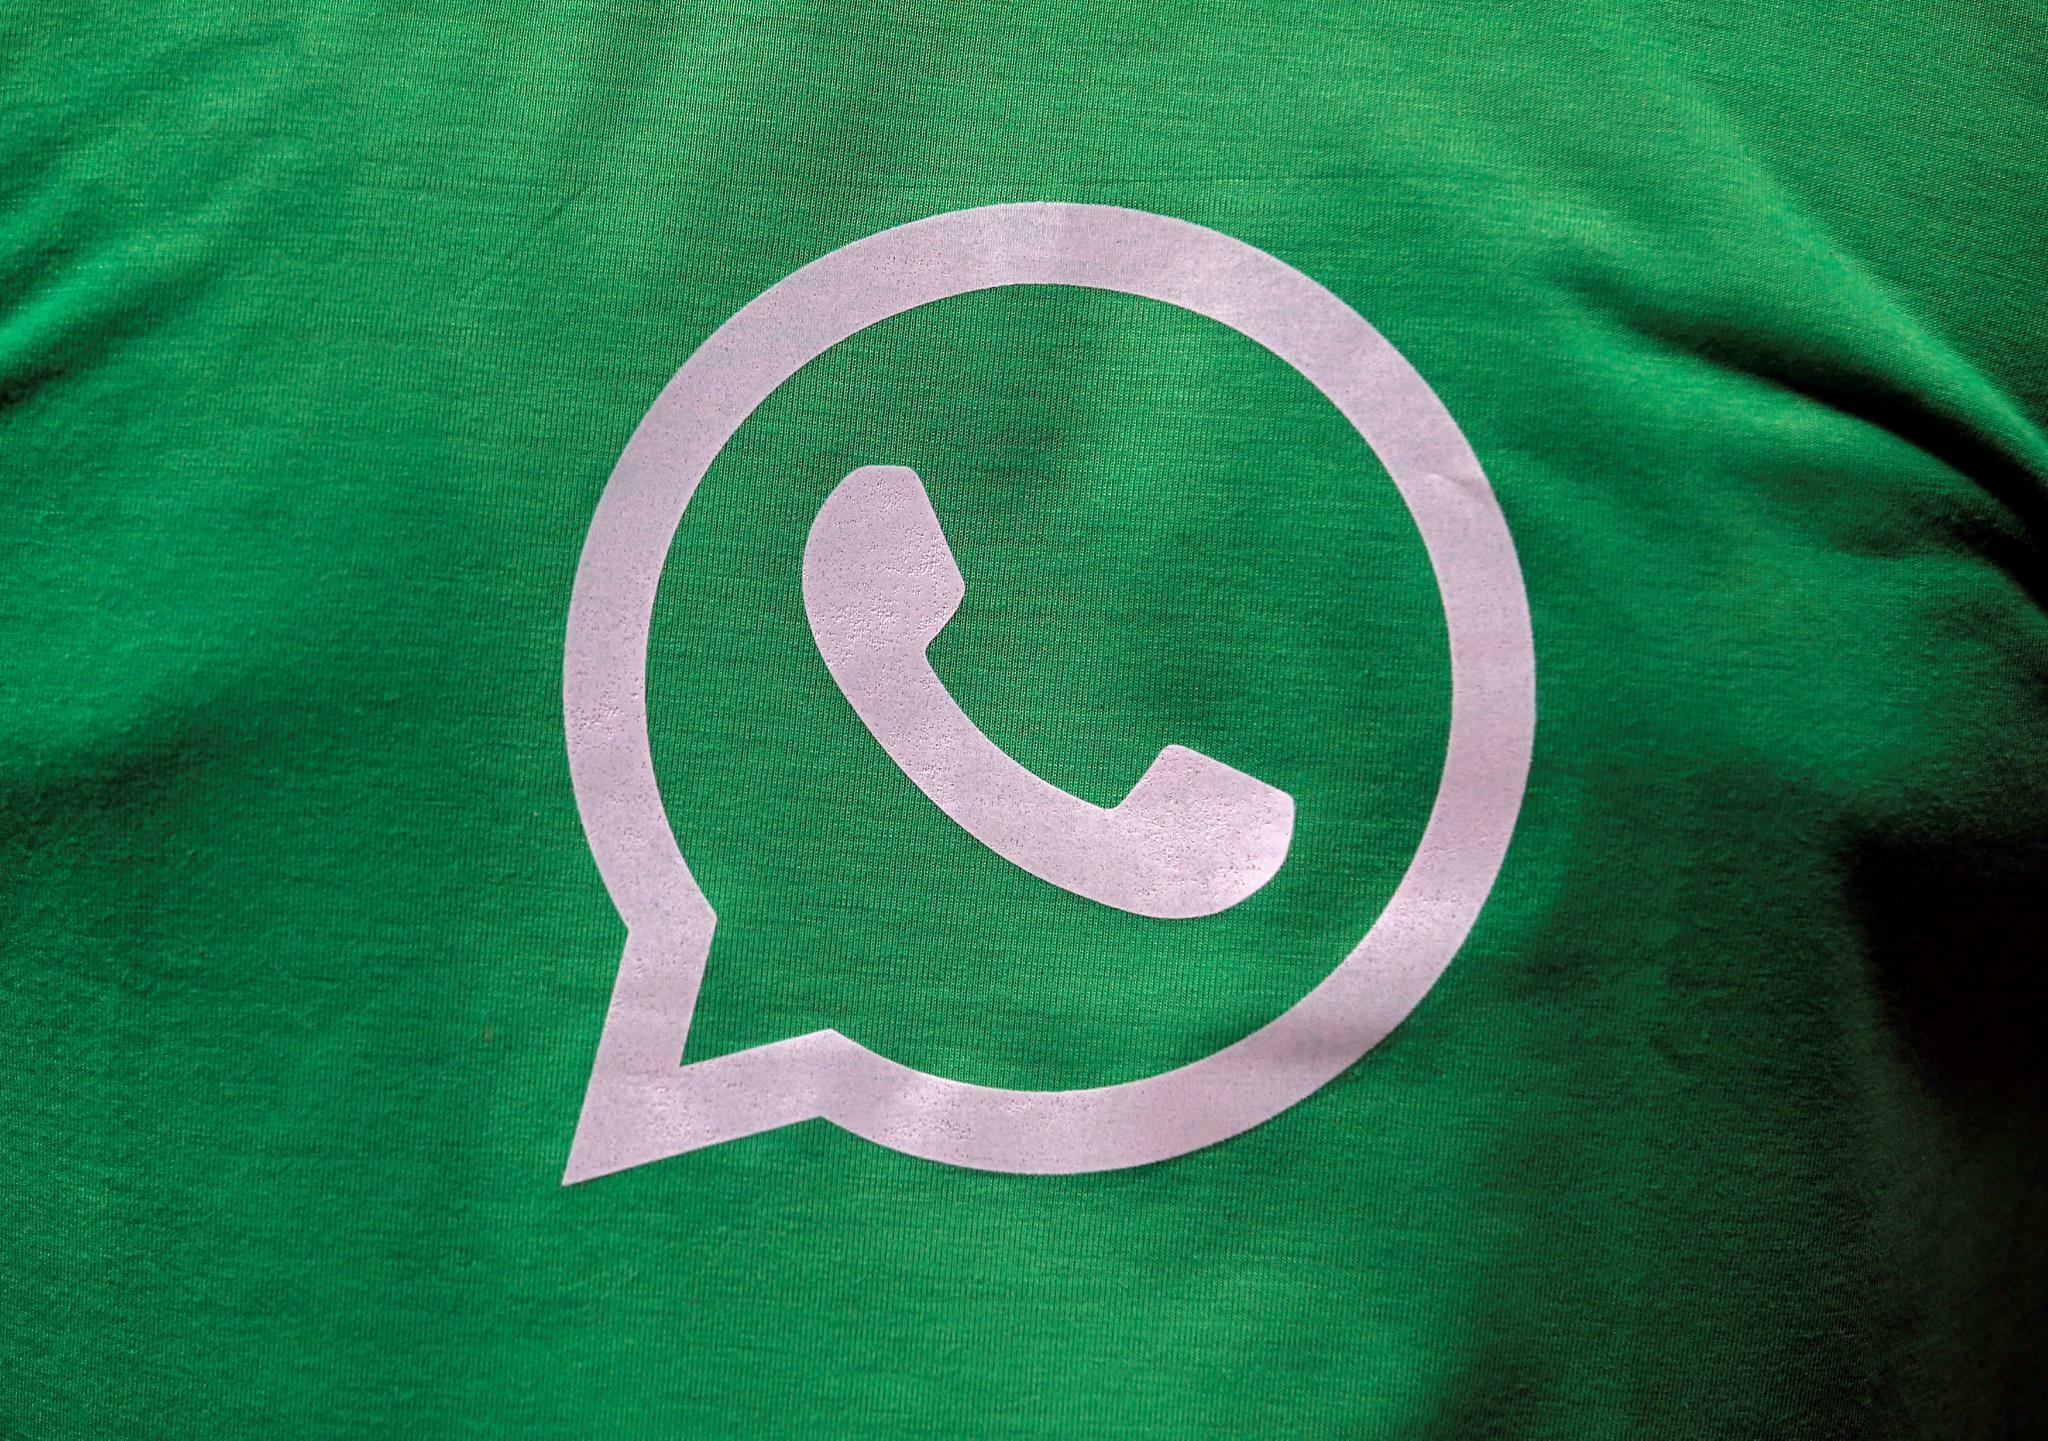 Zu viel Aktionismus bei WhatsApp & Co. ist gefährlich